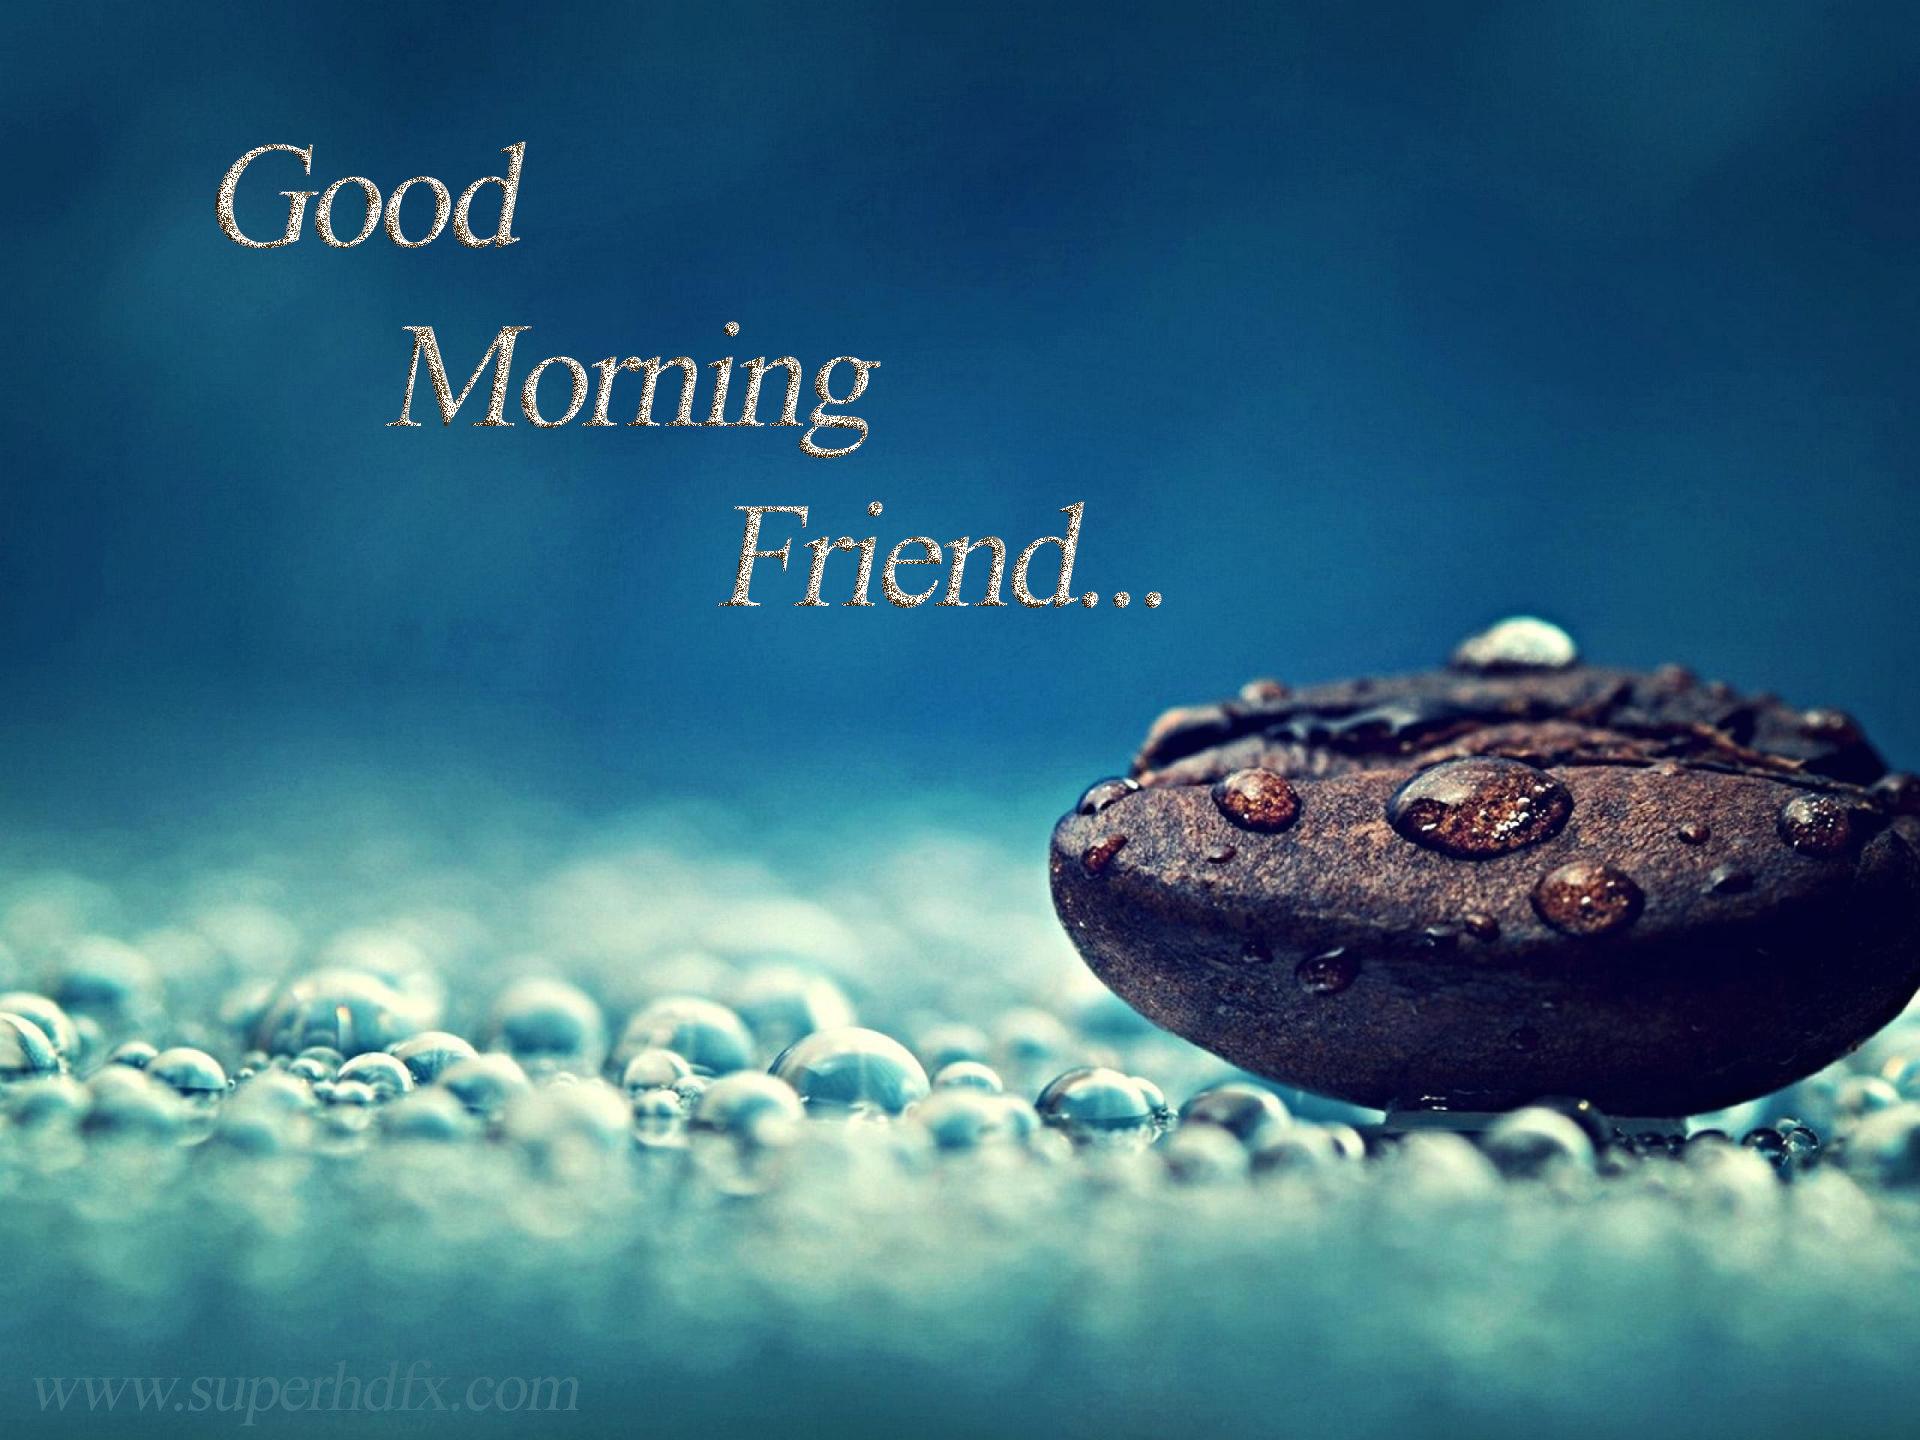 بالصور كلام عن صباح الخير , احلى تعبير عن صباح الخير 668 8